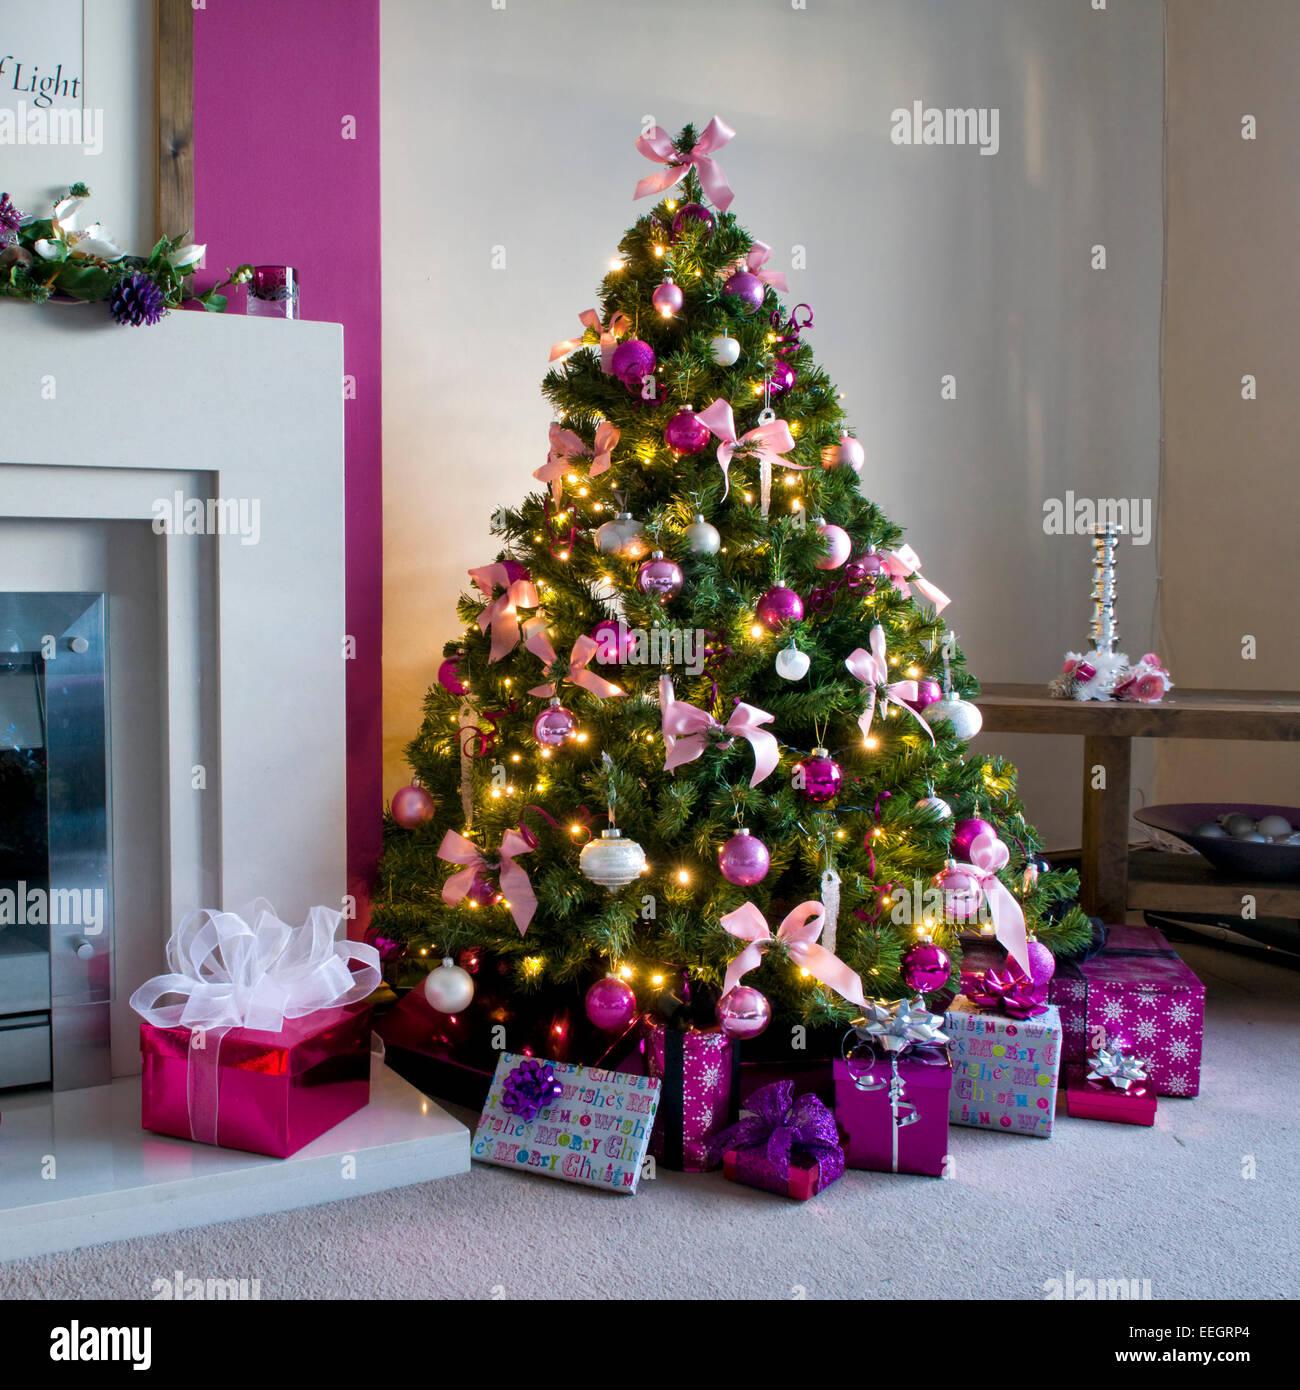 Rosa Weihnachtsbaum.Geschmückter Weihnachtsbaum In Rosa Und Weißen Design Stockfoto